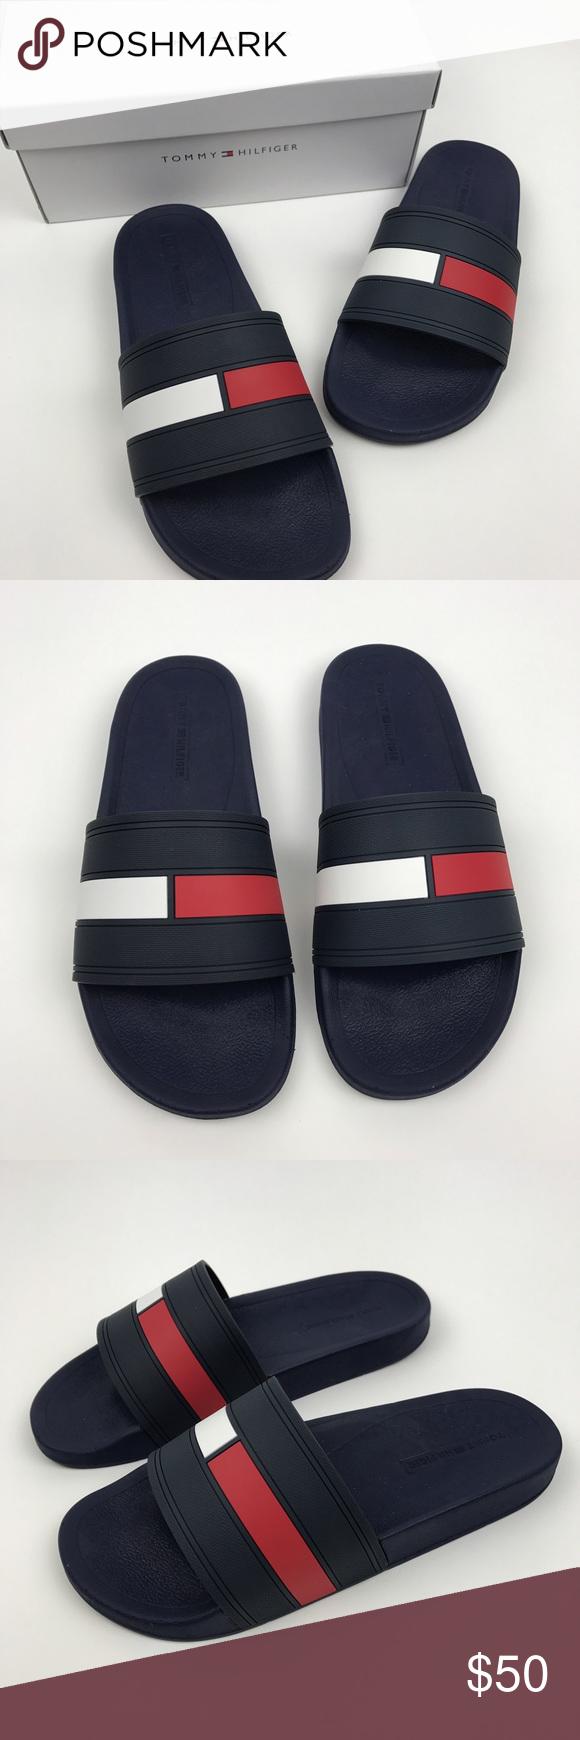 b1d73087b64ff4  Tommy Hilfiger  Men s Flag Logo Slides Sandals 10 Tommy Hilfiger Ernst.  Dark navy blue slip on sandals. Red and white flag logo across the strap.